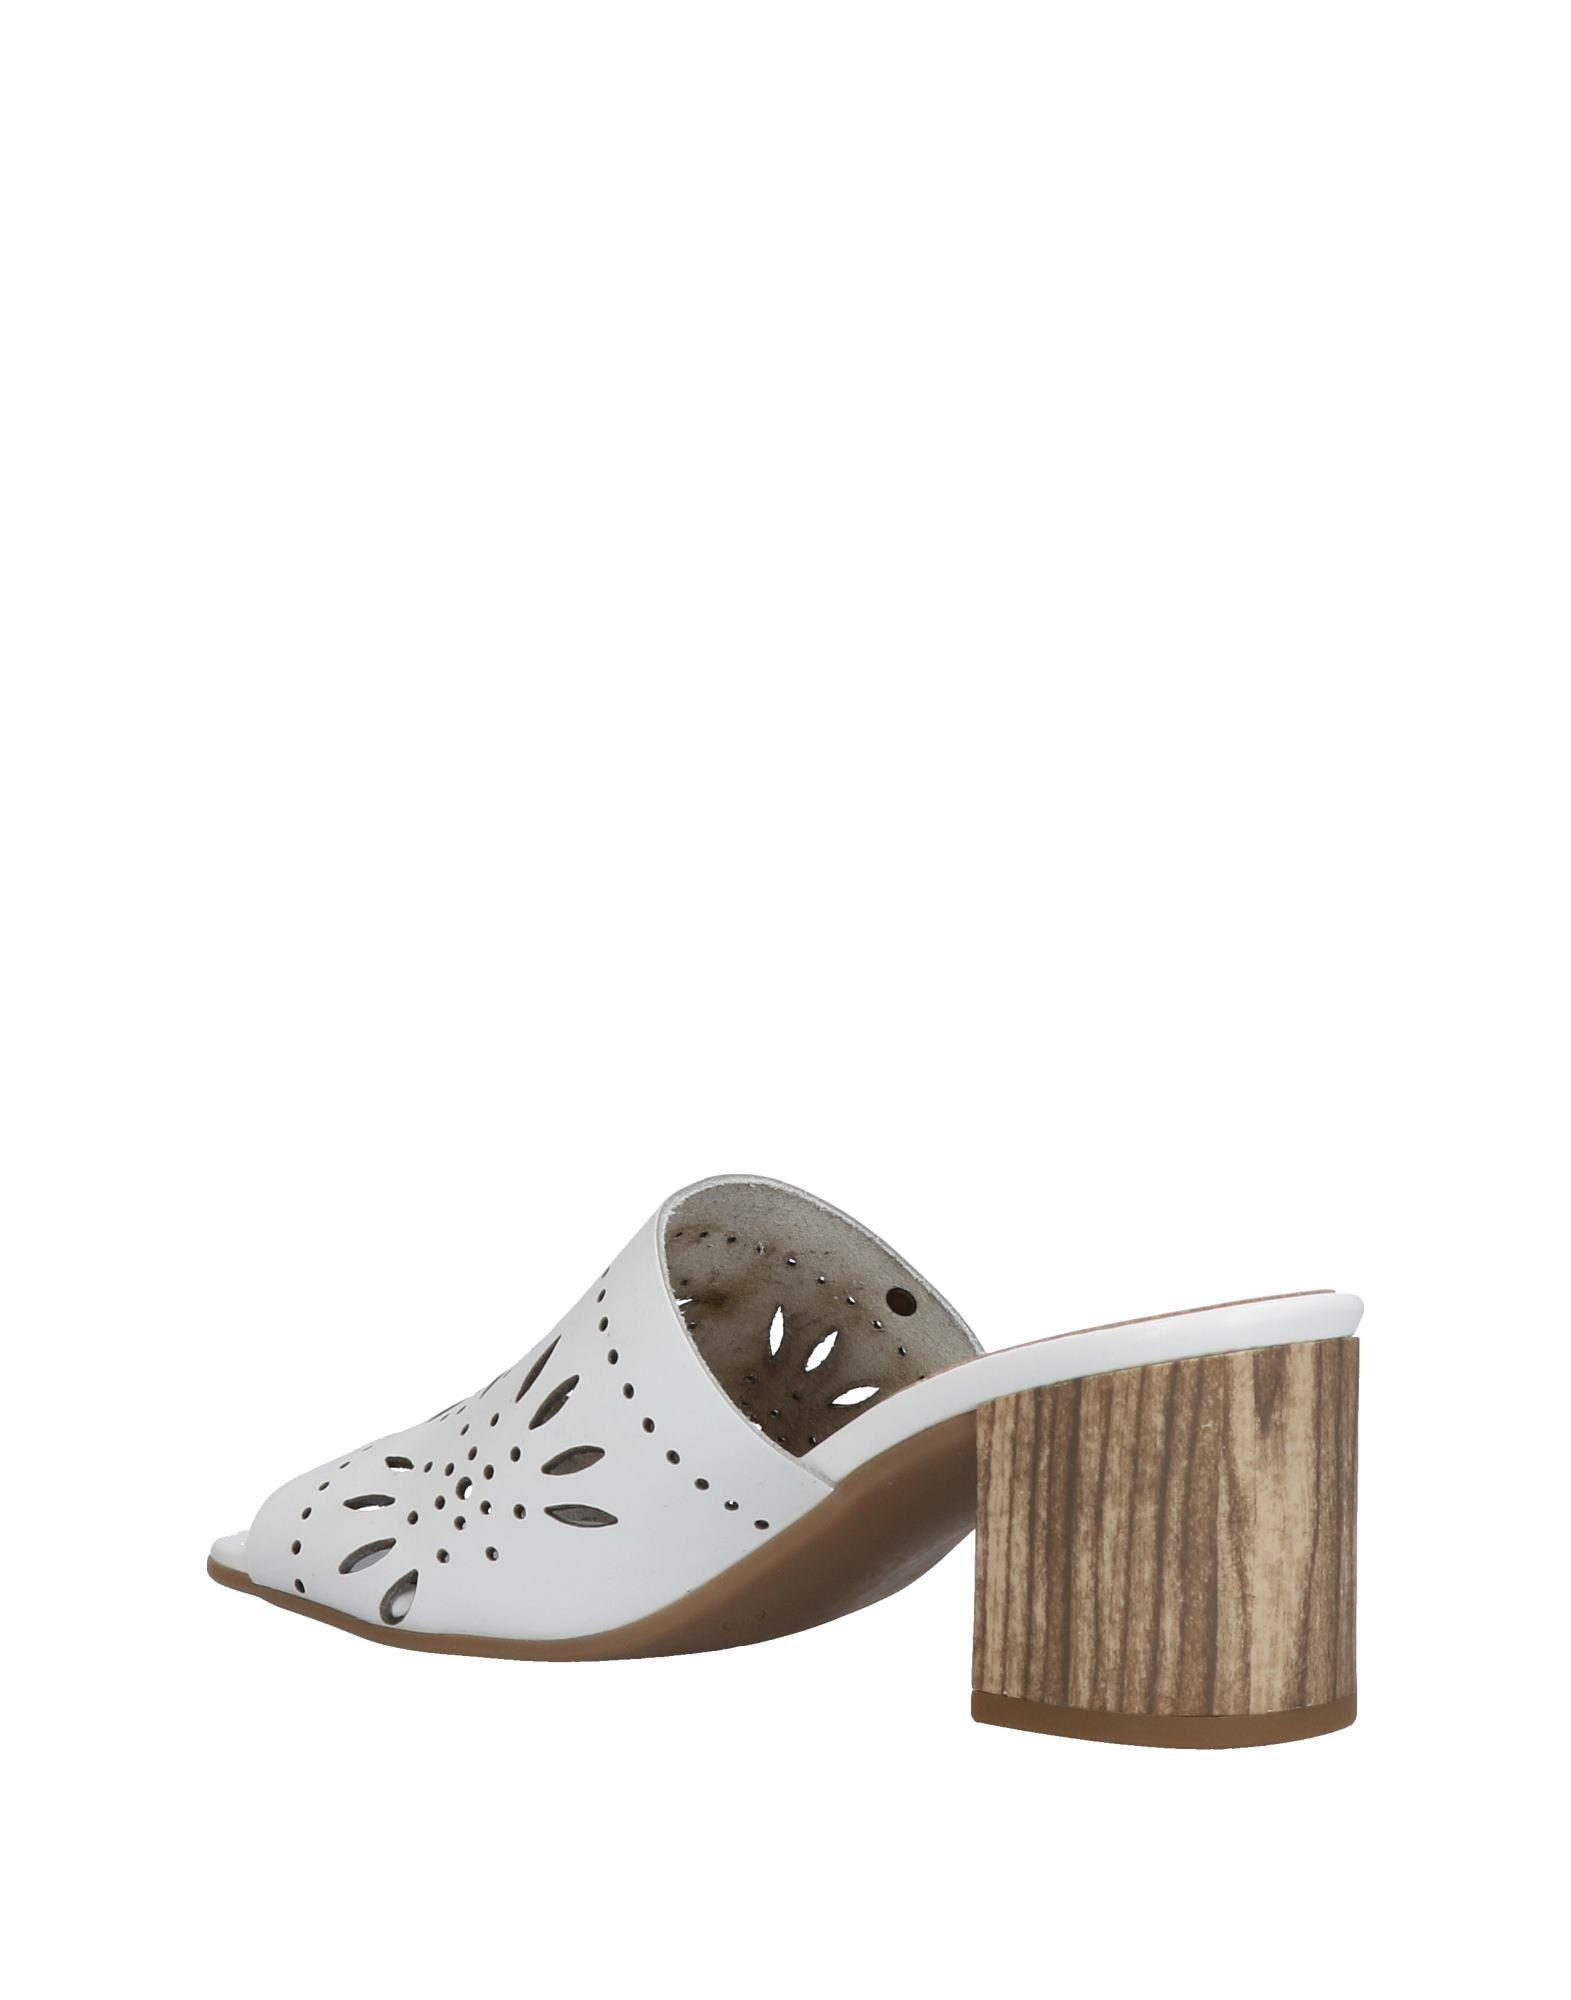 Cuplé Sandalen Damen  11431467IA Gute Qualität beliebte Schuhe